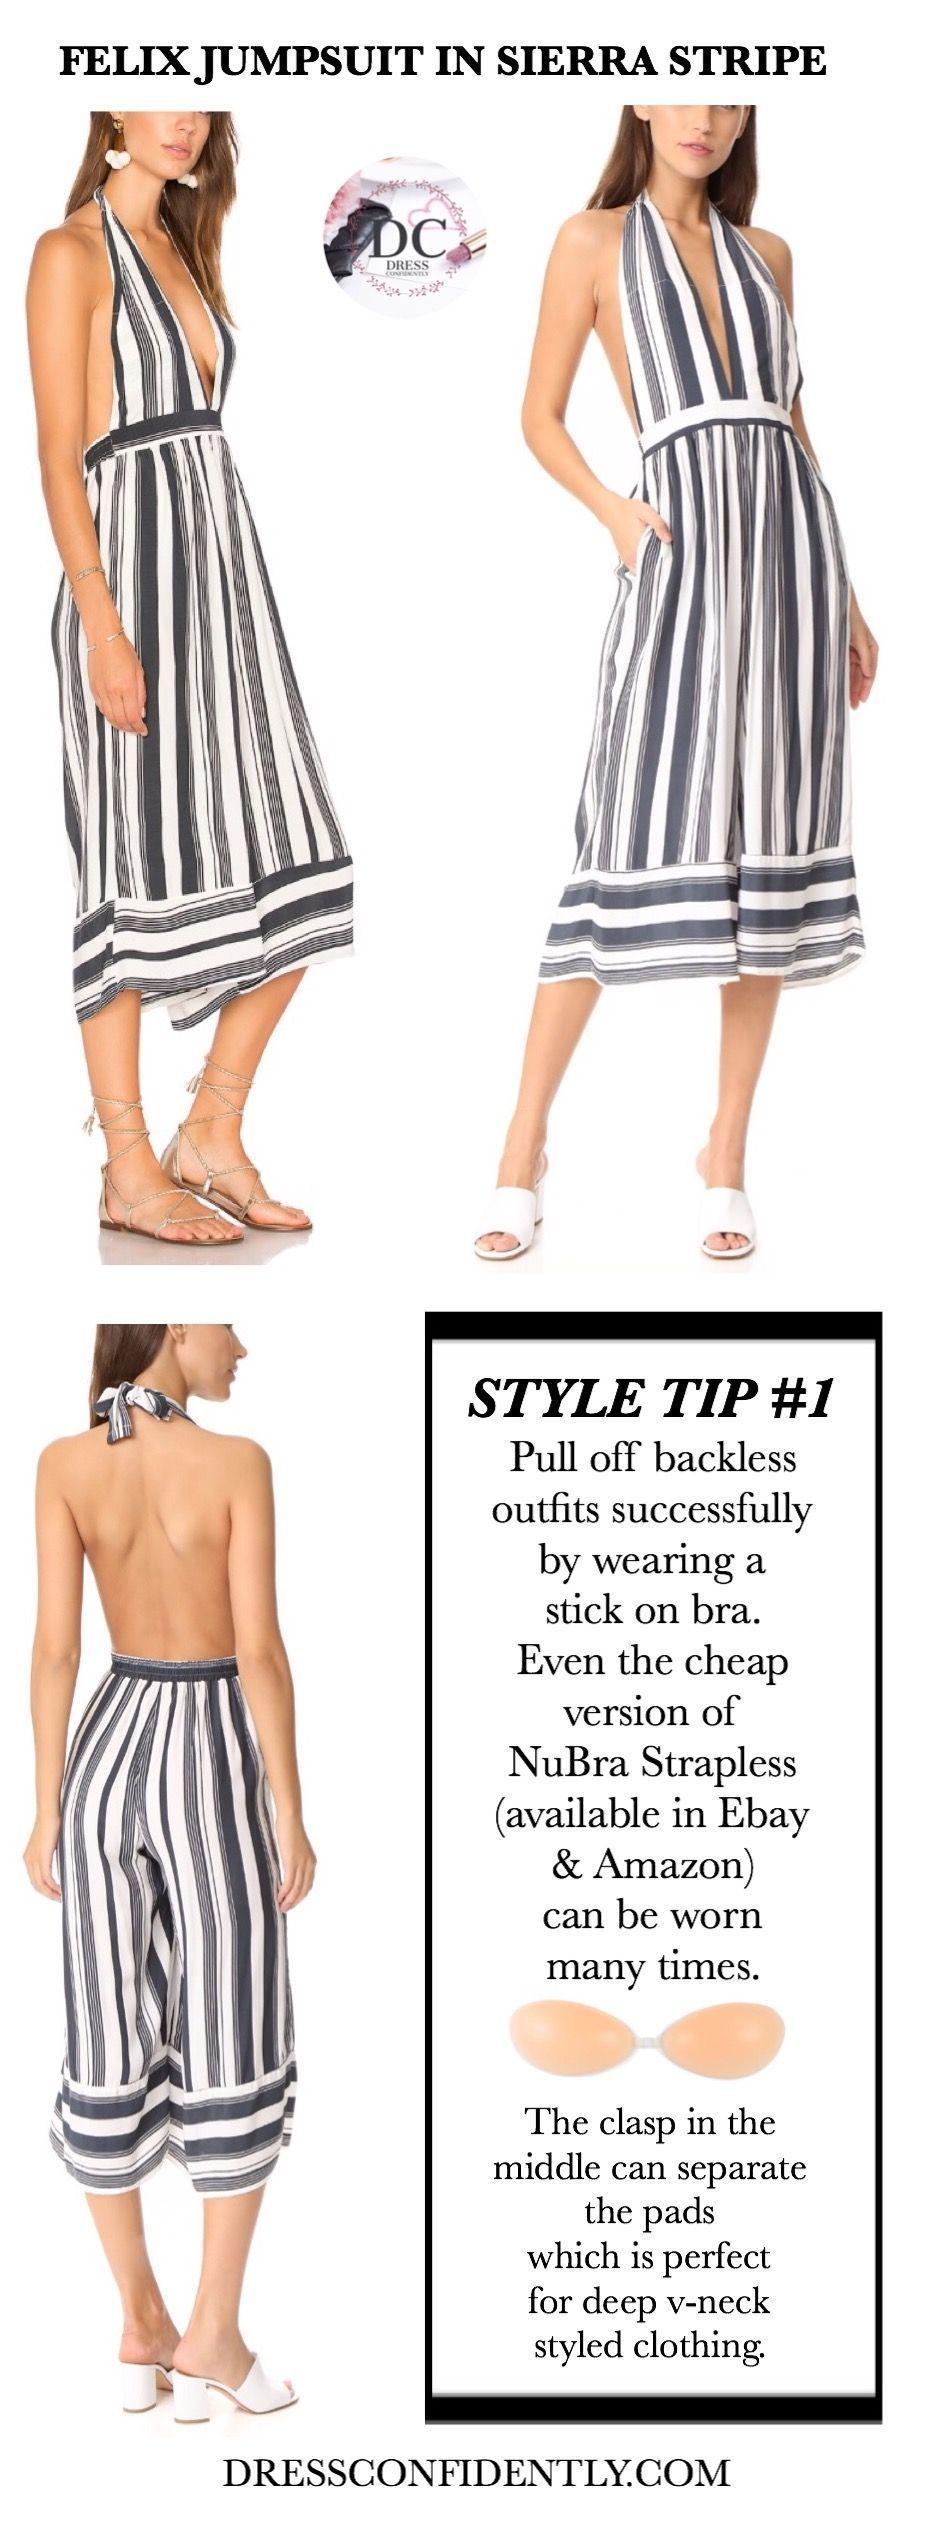 Felix Jumpsuit in Sierra Stripe Style Tip Style Inspiration